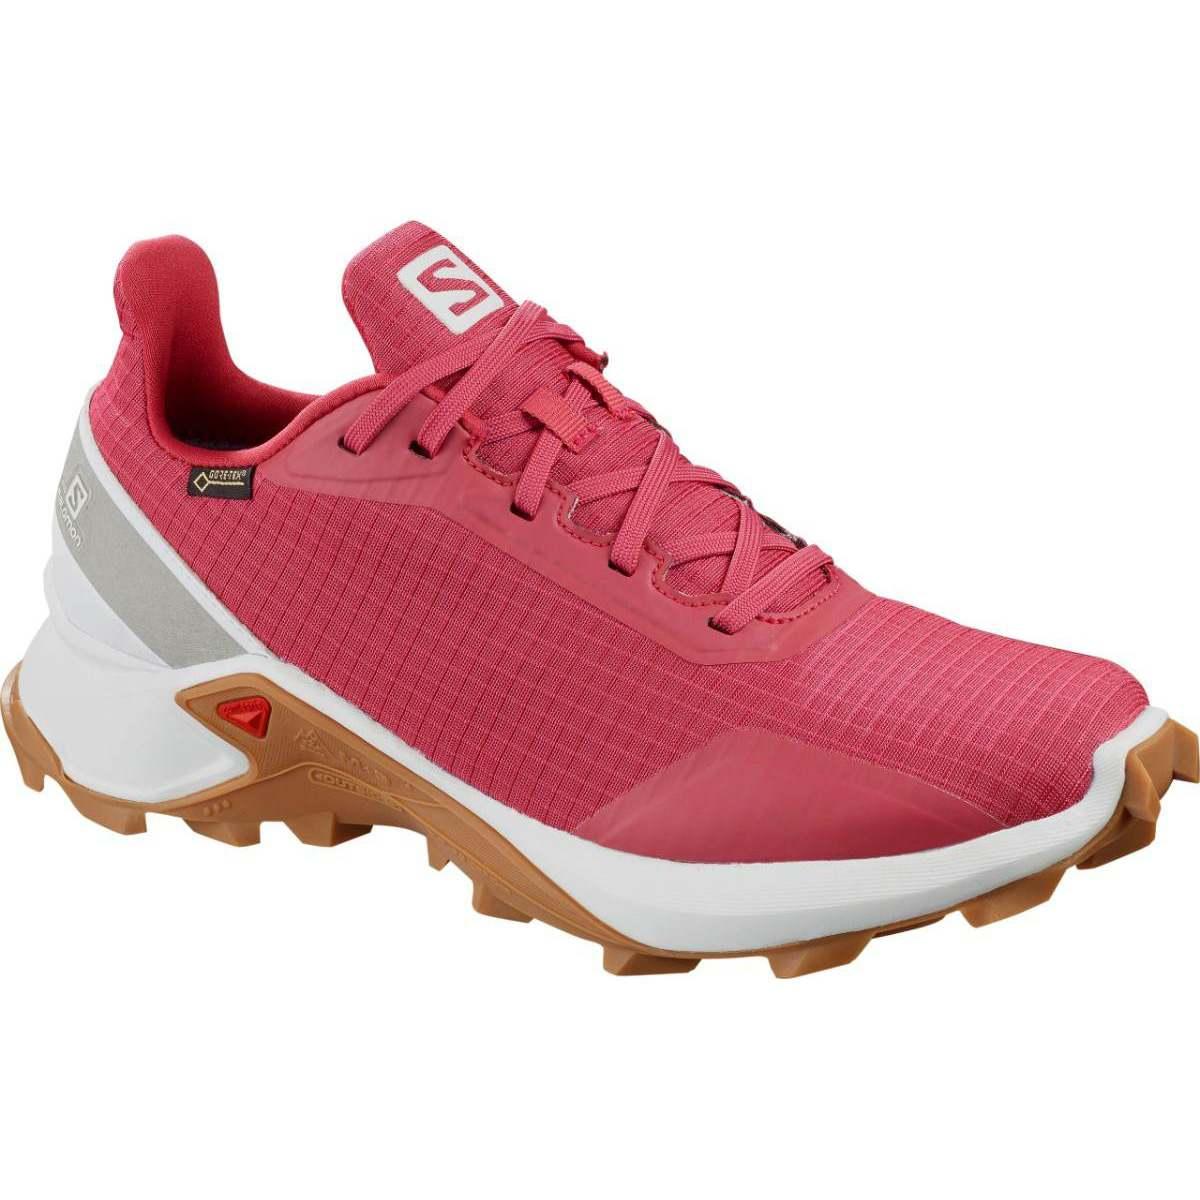 Pantofi alergare Salomon ALPHACROSS GTX W – Roz de la proalpin.ro